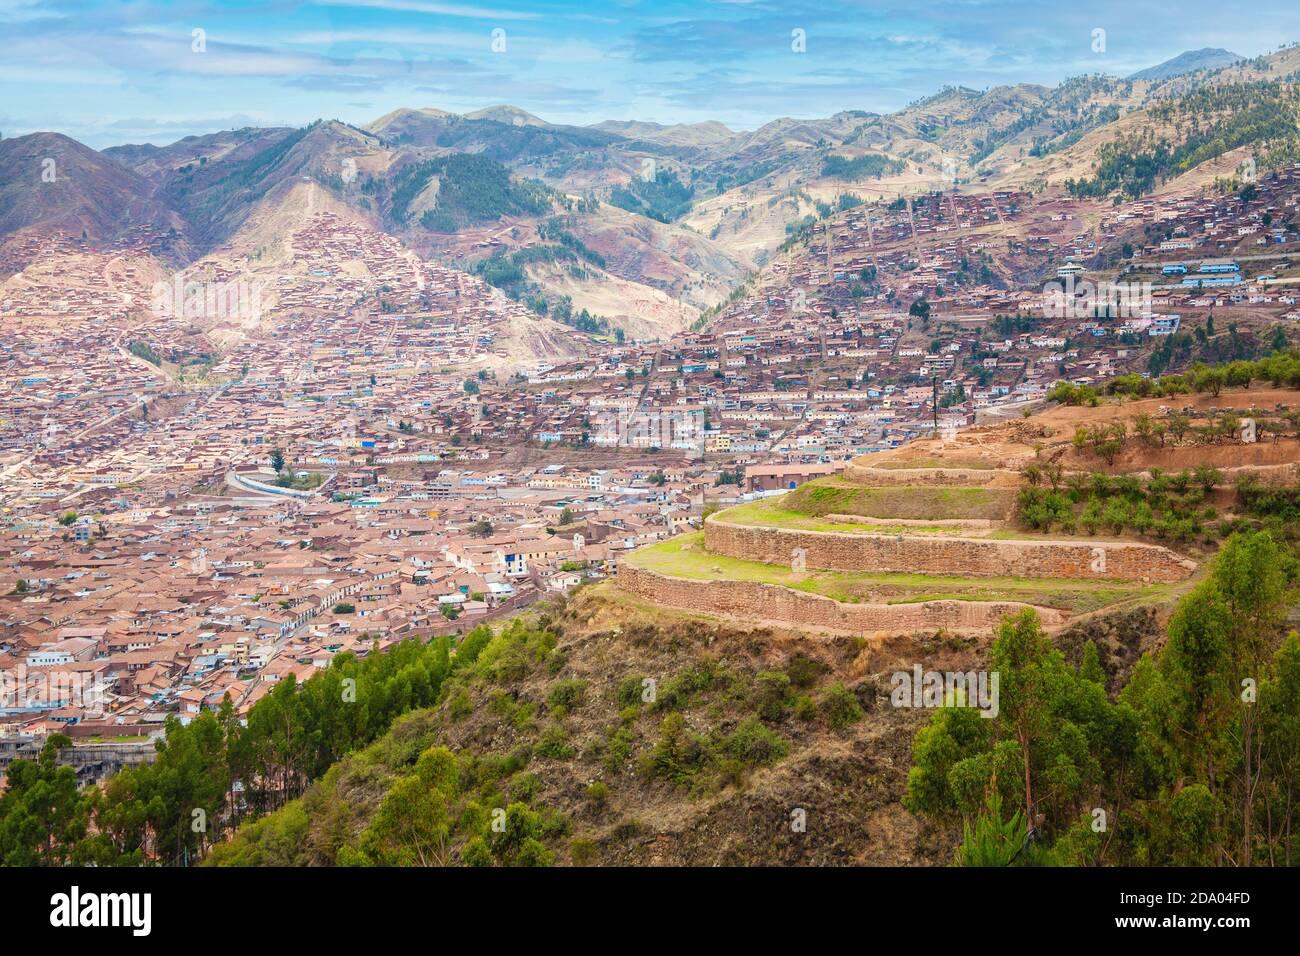 Die Stadt Cusco, Peru in den Anden liegt bei 11,000 Fuß in einem Tal, das von inkischen Ruinen umgeben ist. Stockfoto